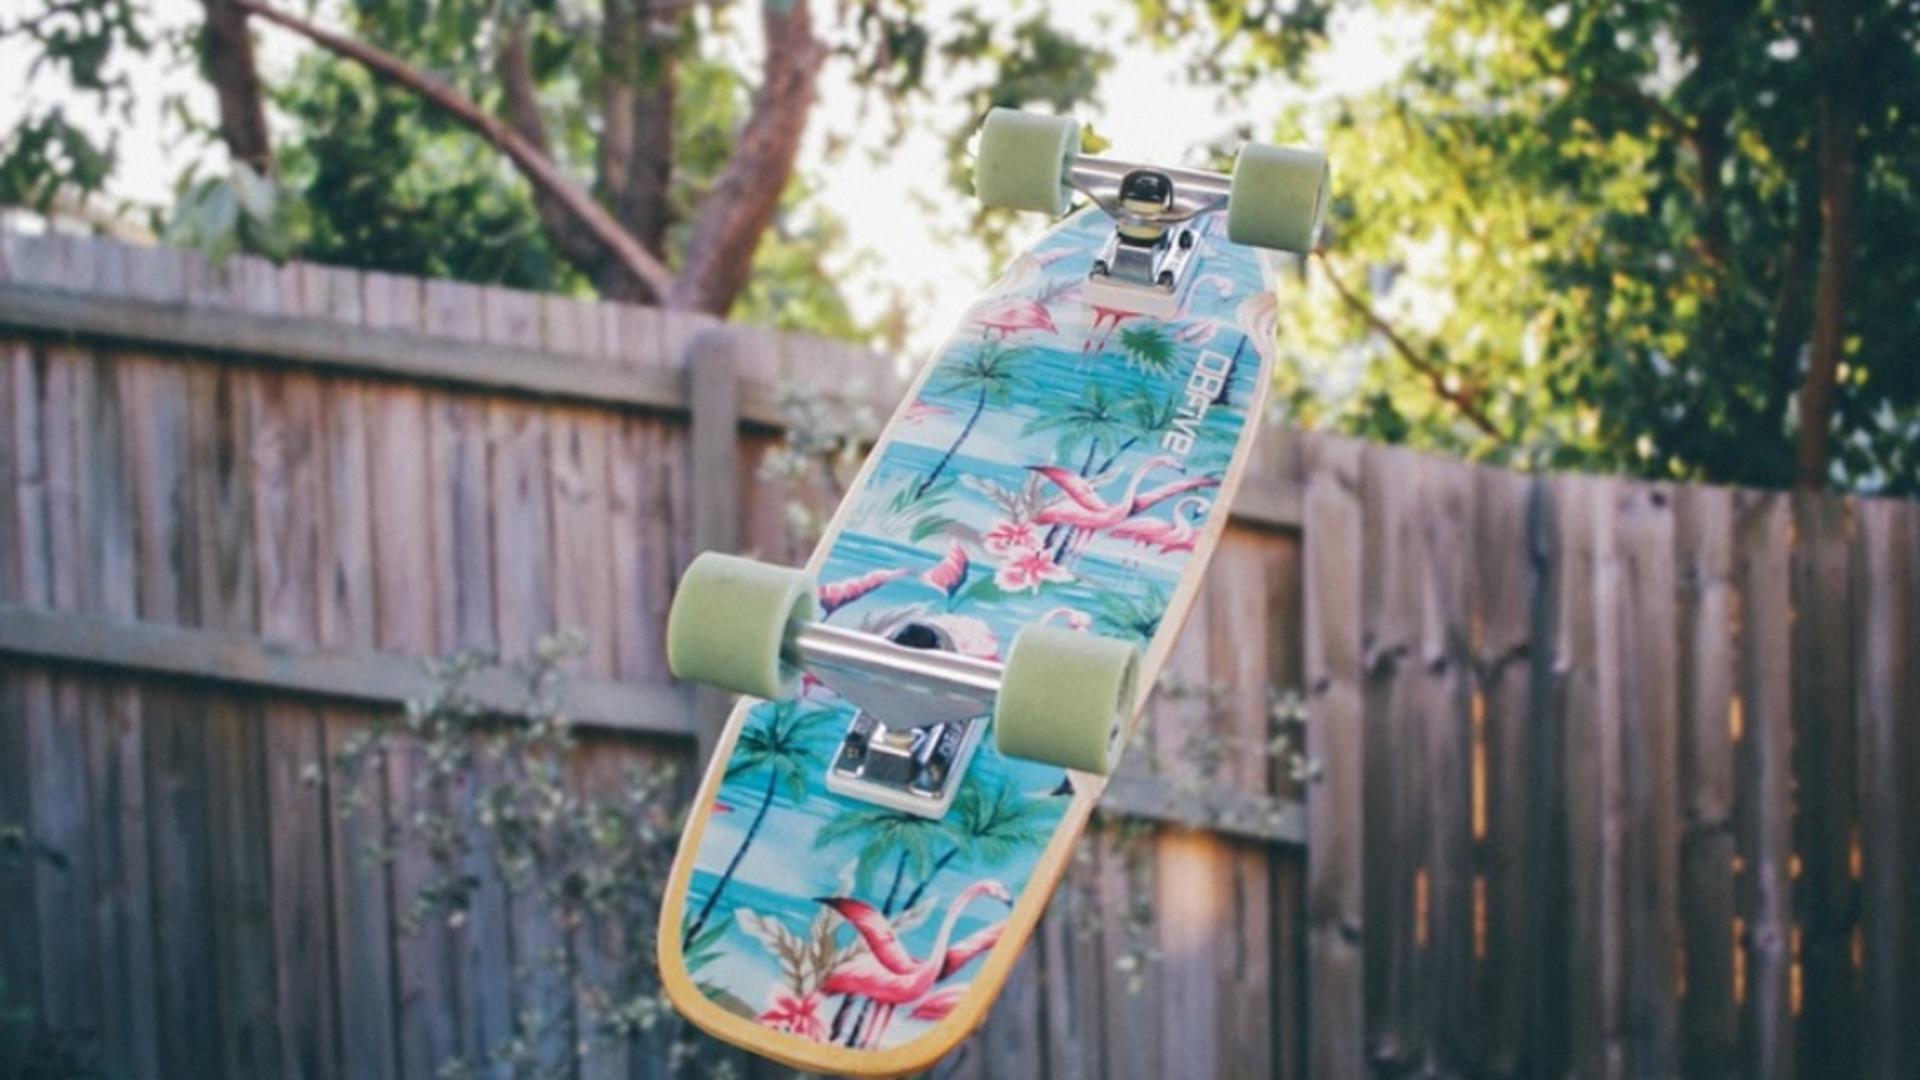 Adolescenta înjunghiată pe skateboard